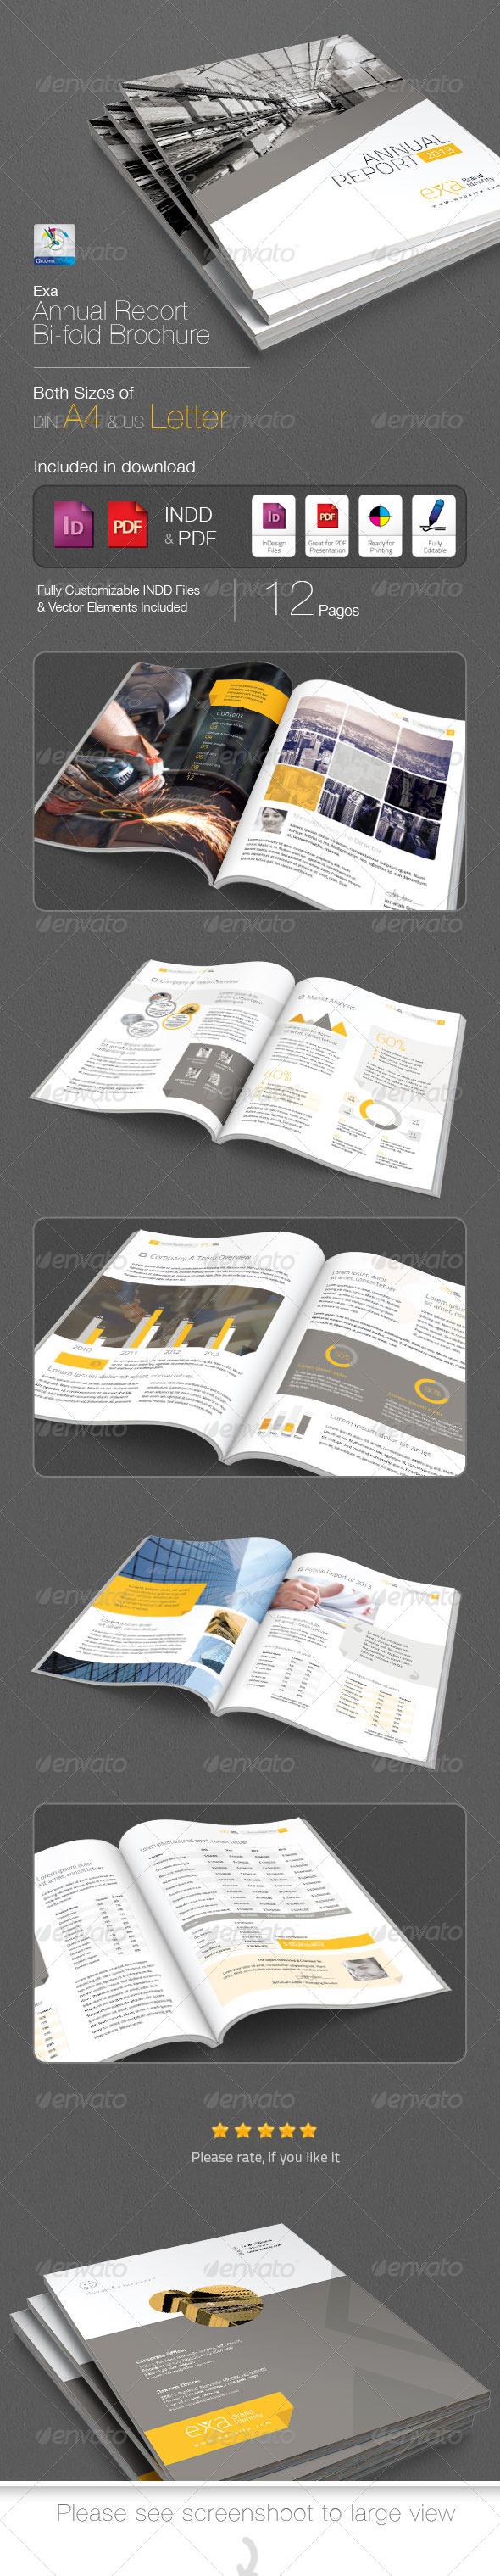 GraphicRiver Exa Annual Report Bi-fold Brochure 4891542